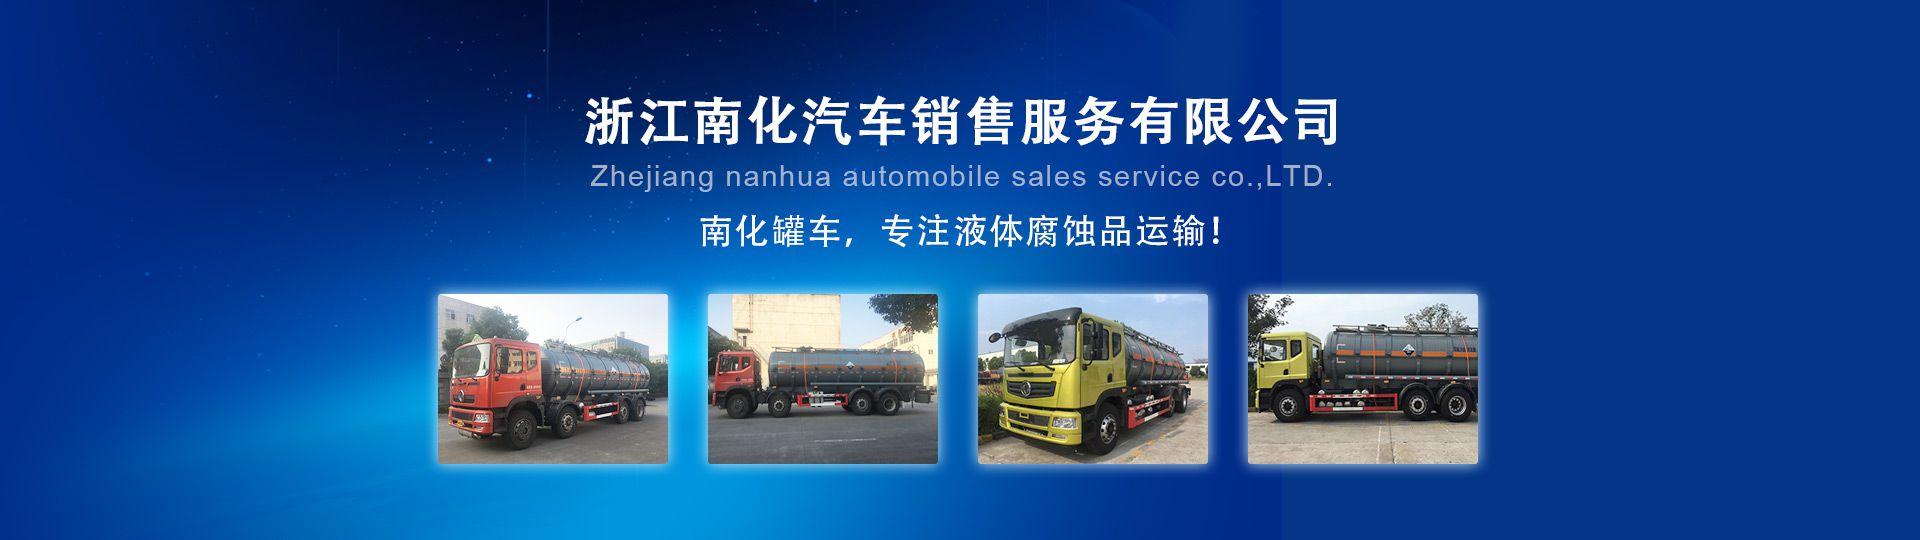 浙江南化防腐设备有限公司